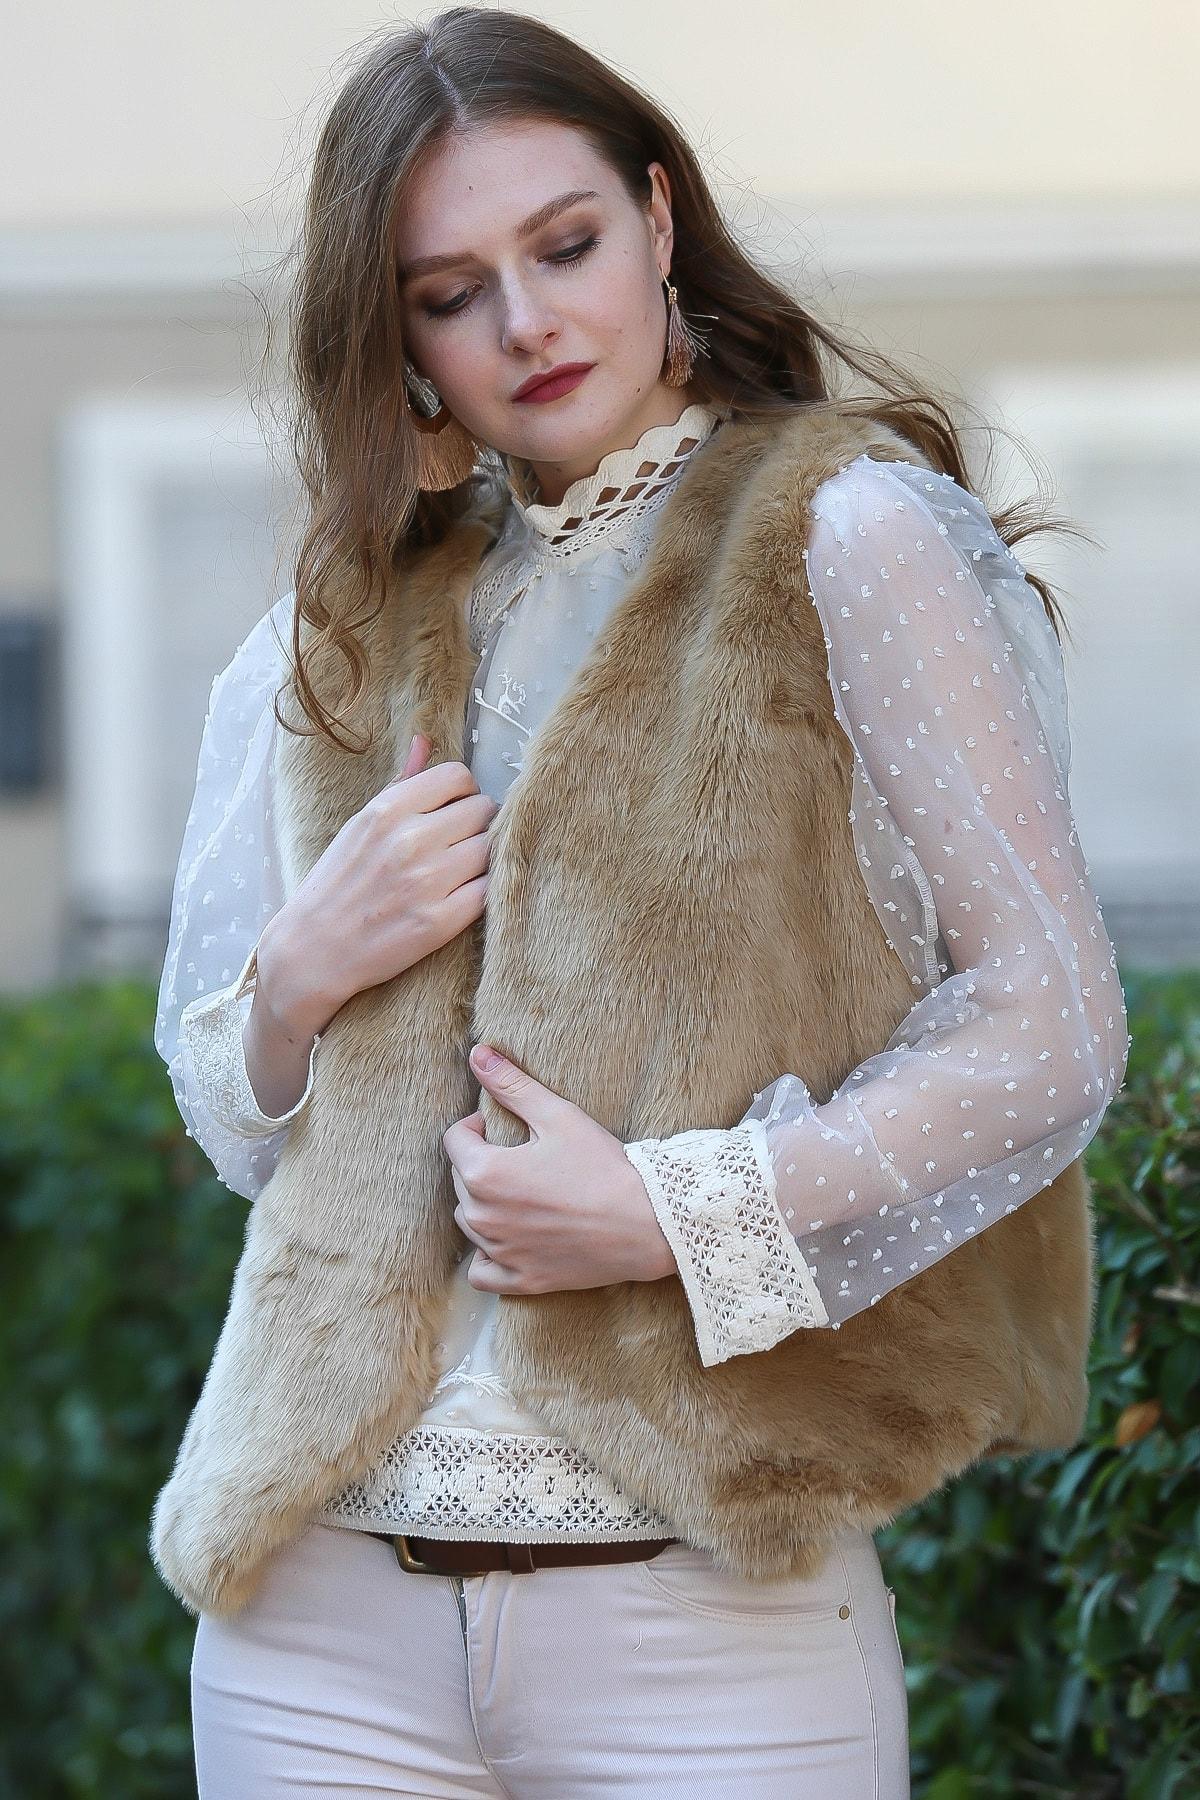 Chiccy Kadın Camel İtalyan Klasik Agraf Detaylı Astarlı Pelüş Yelek M10010600YL99837